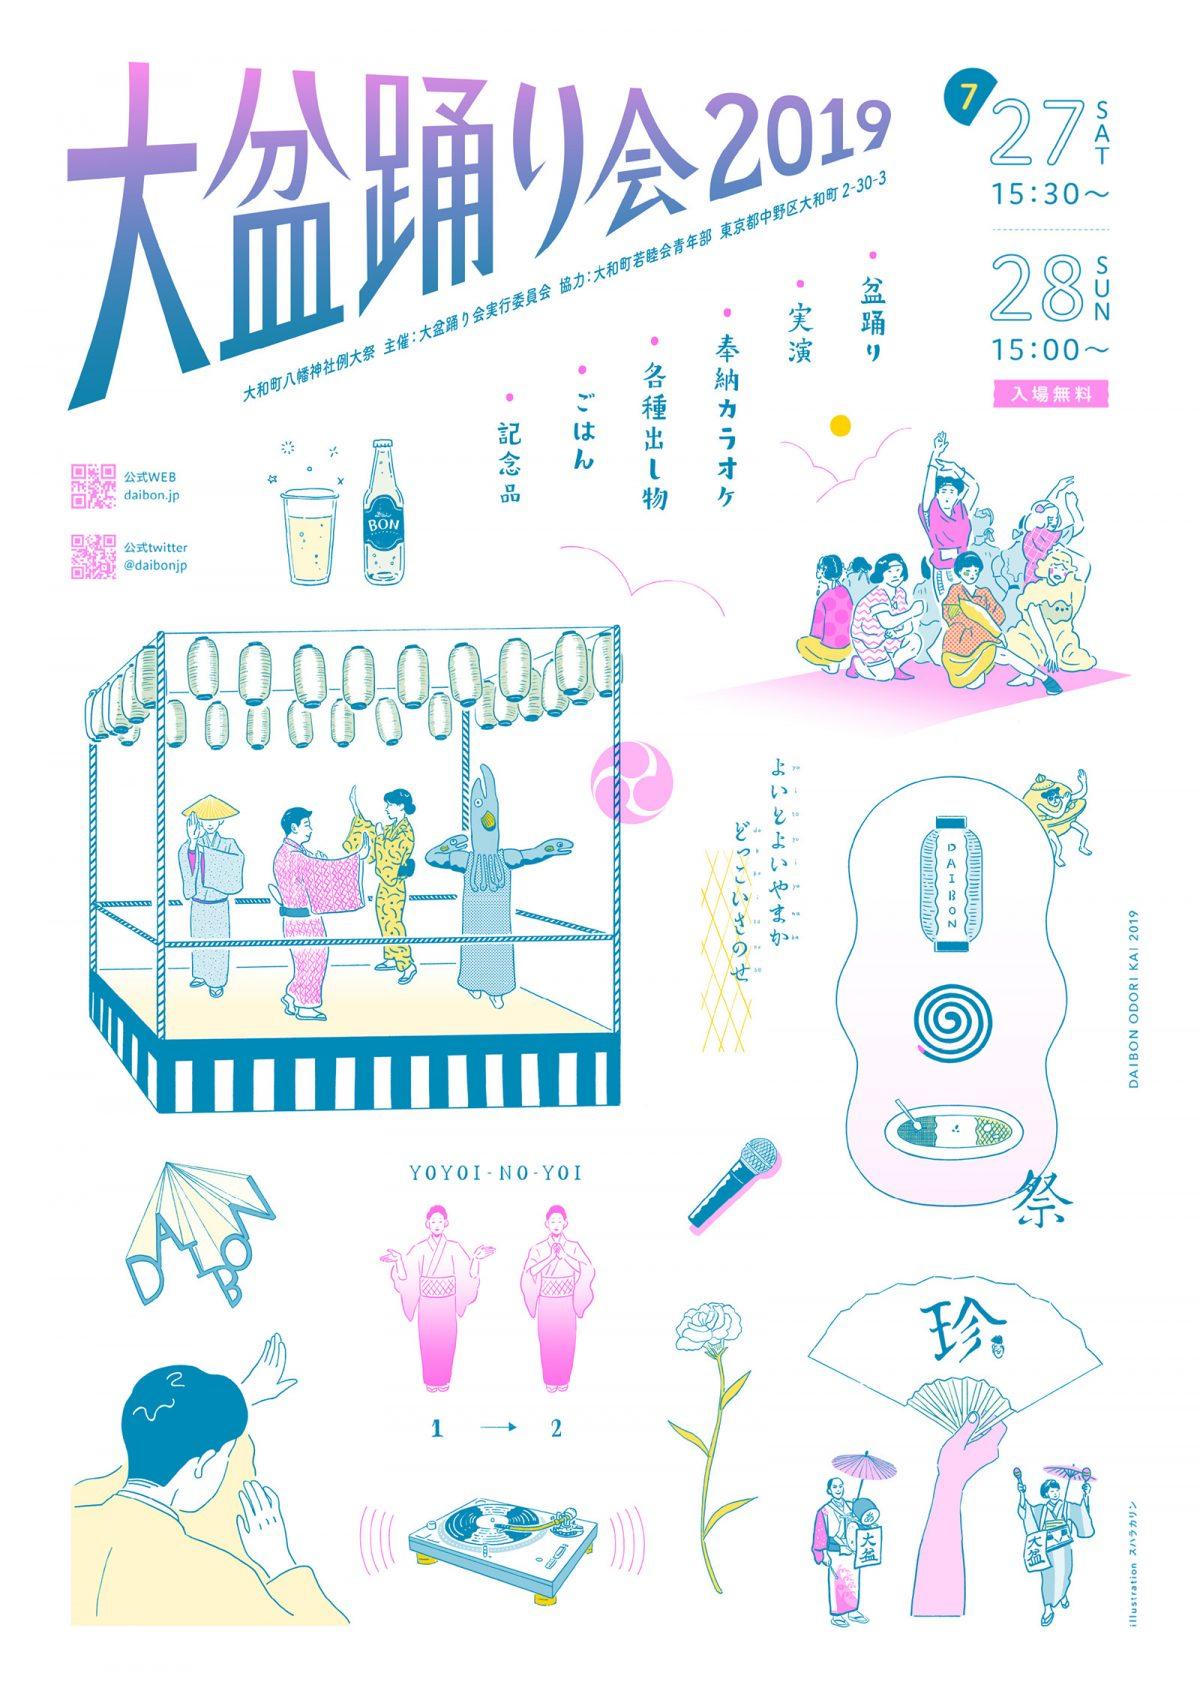 大和町八幡神社 大盆踊り会 2019